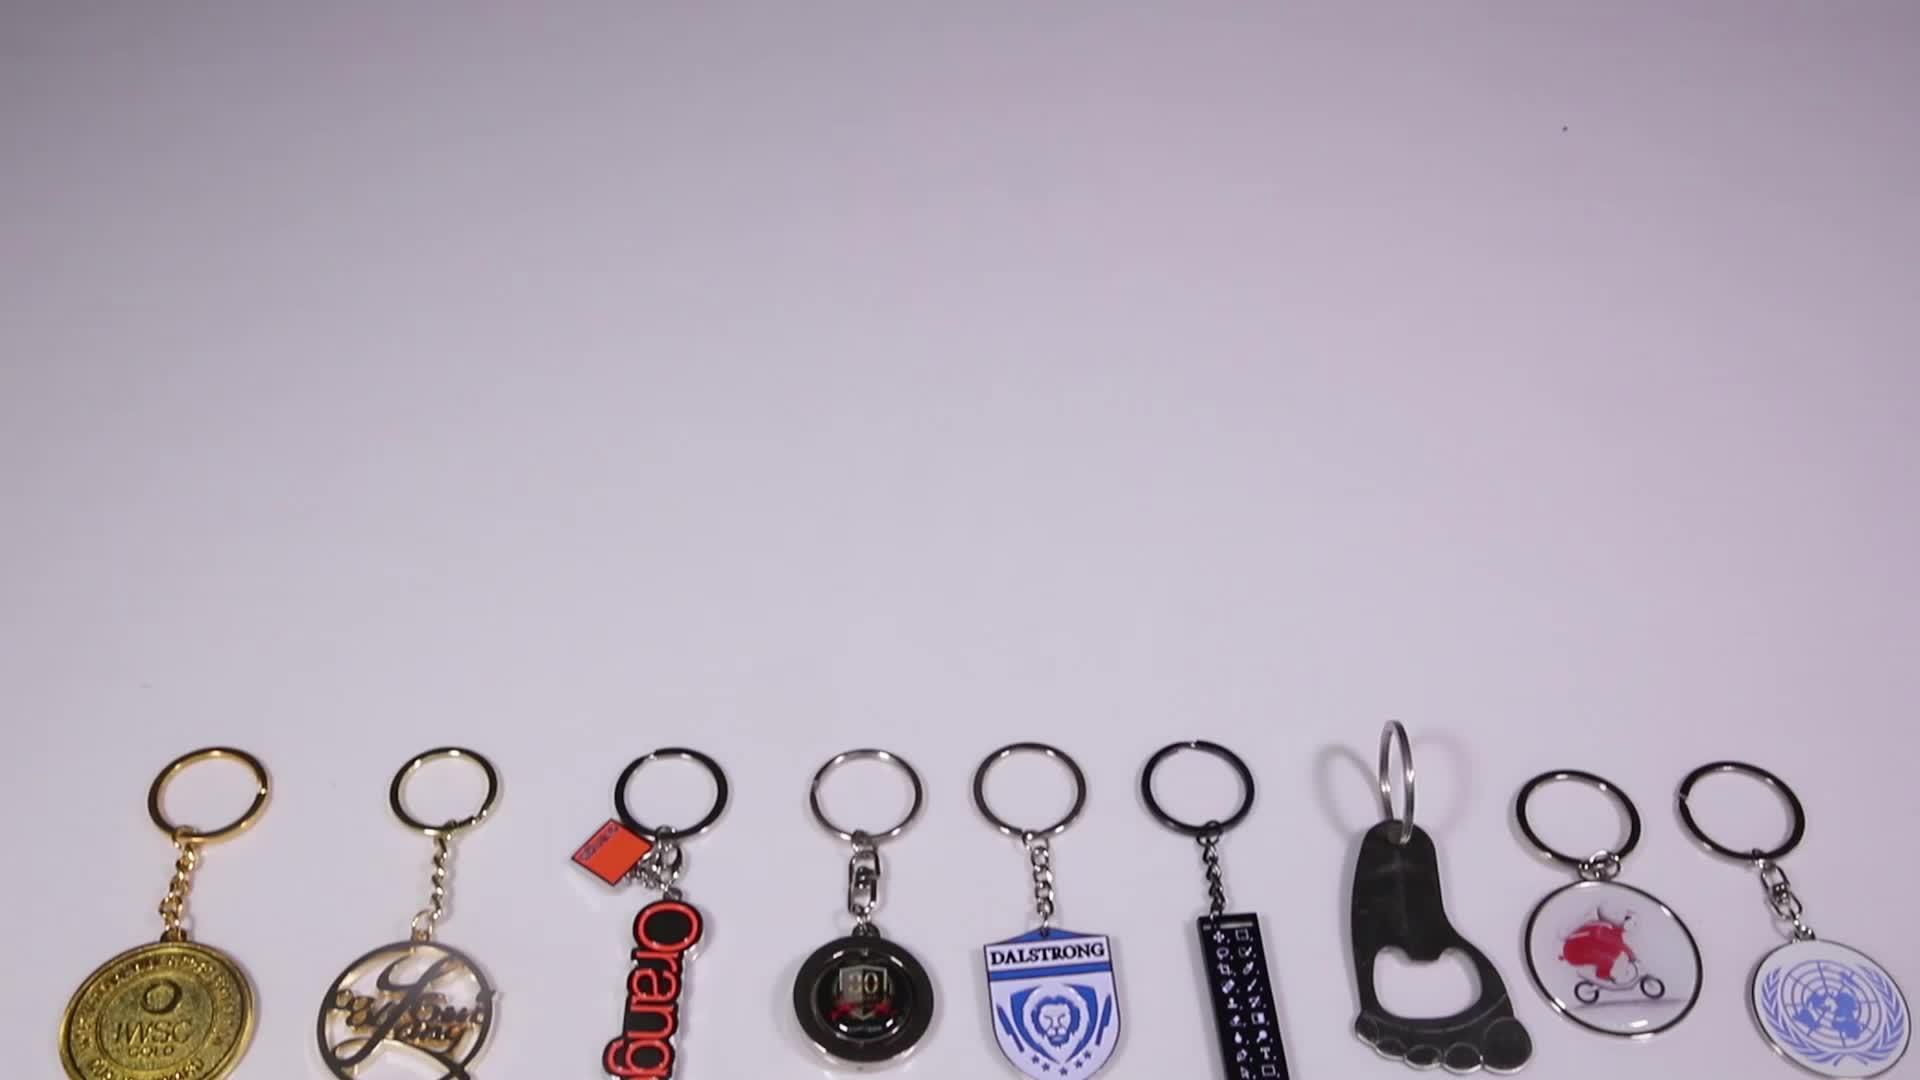 Promoção de metal personalizado barato foto impressa keychain por atacado